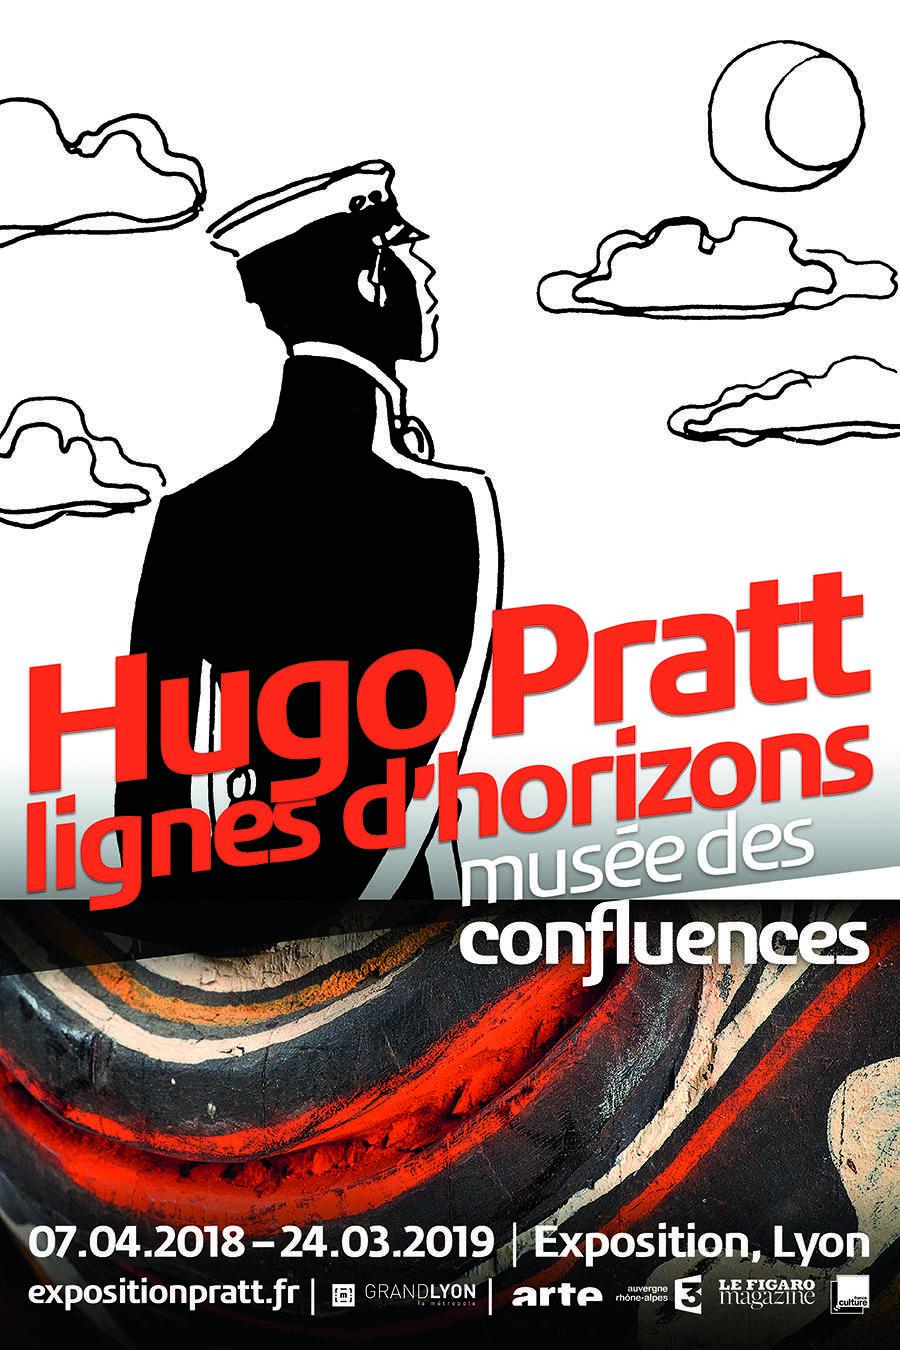 Hugo Pratt au Musée des Confluences à Lyon, dessinateur et ethnologue dès le 7 avril